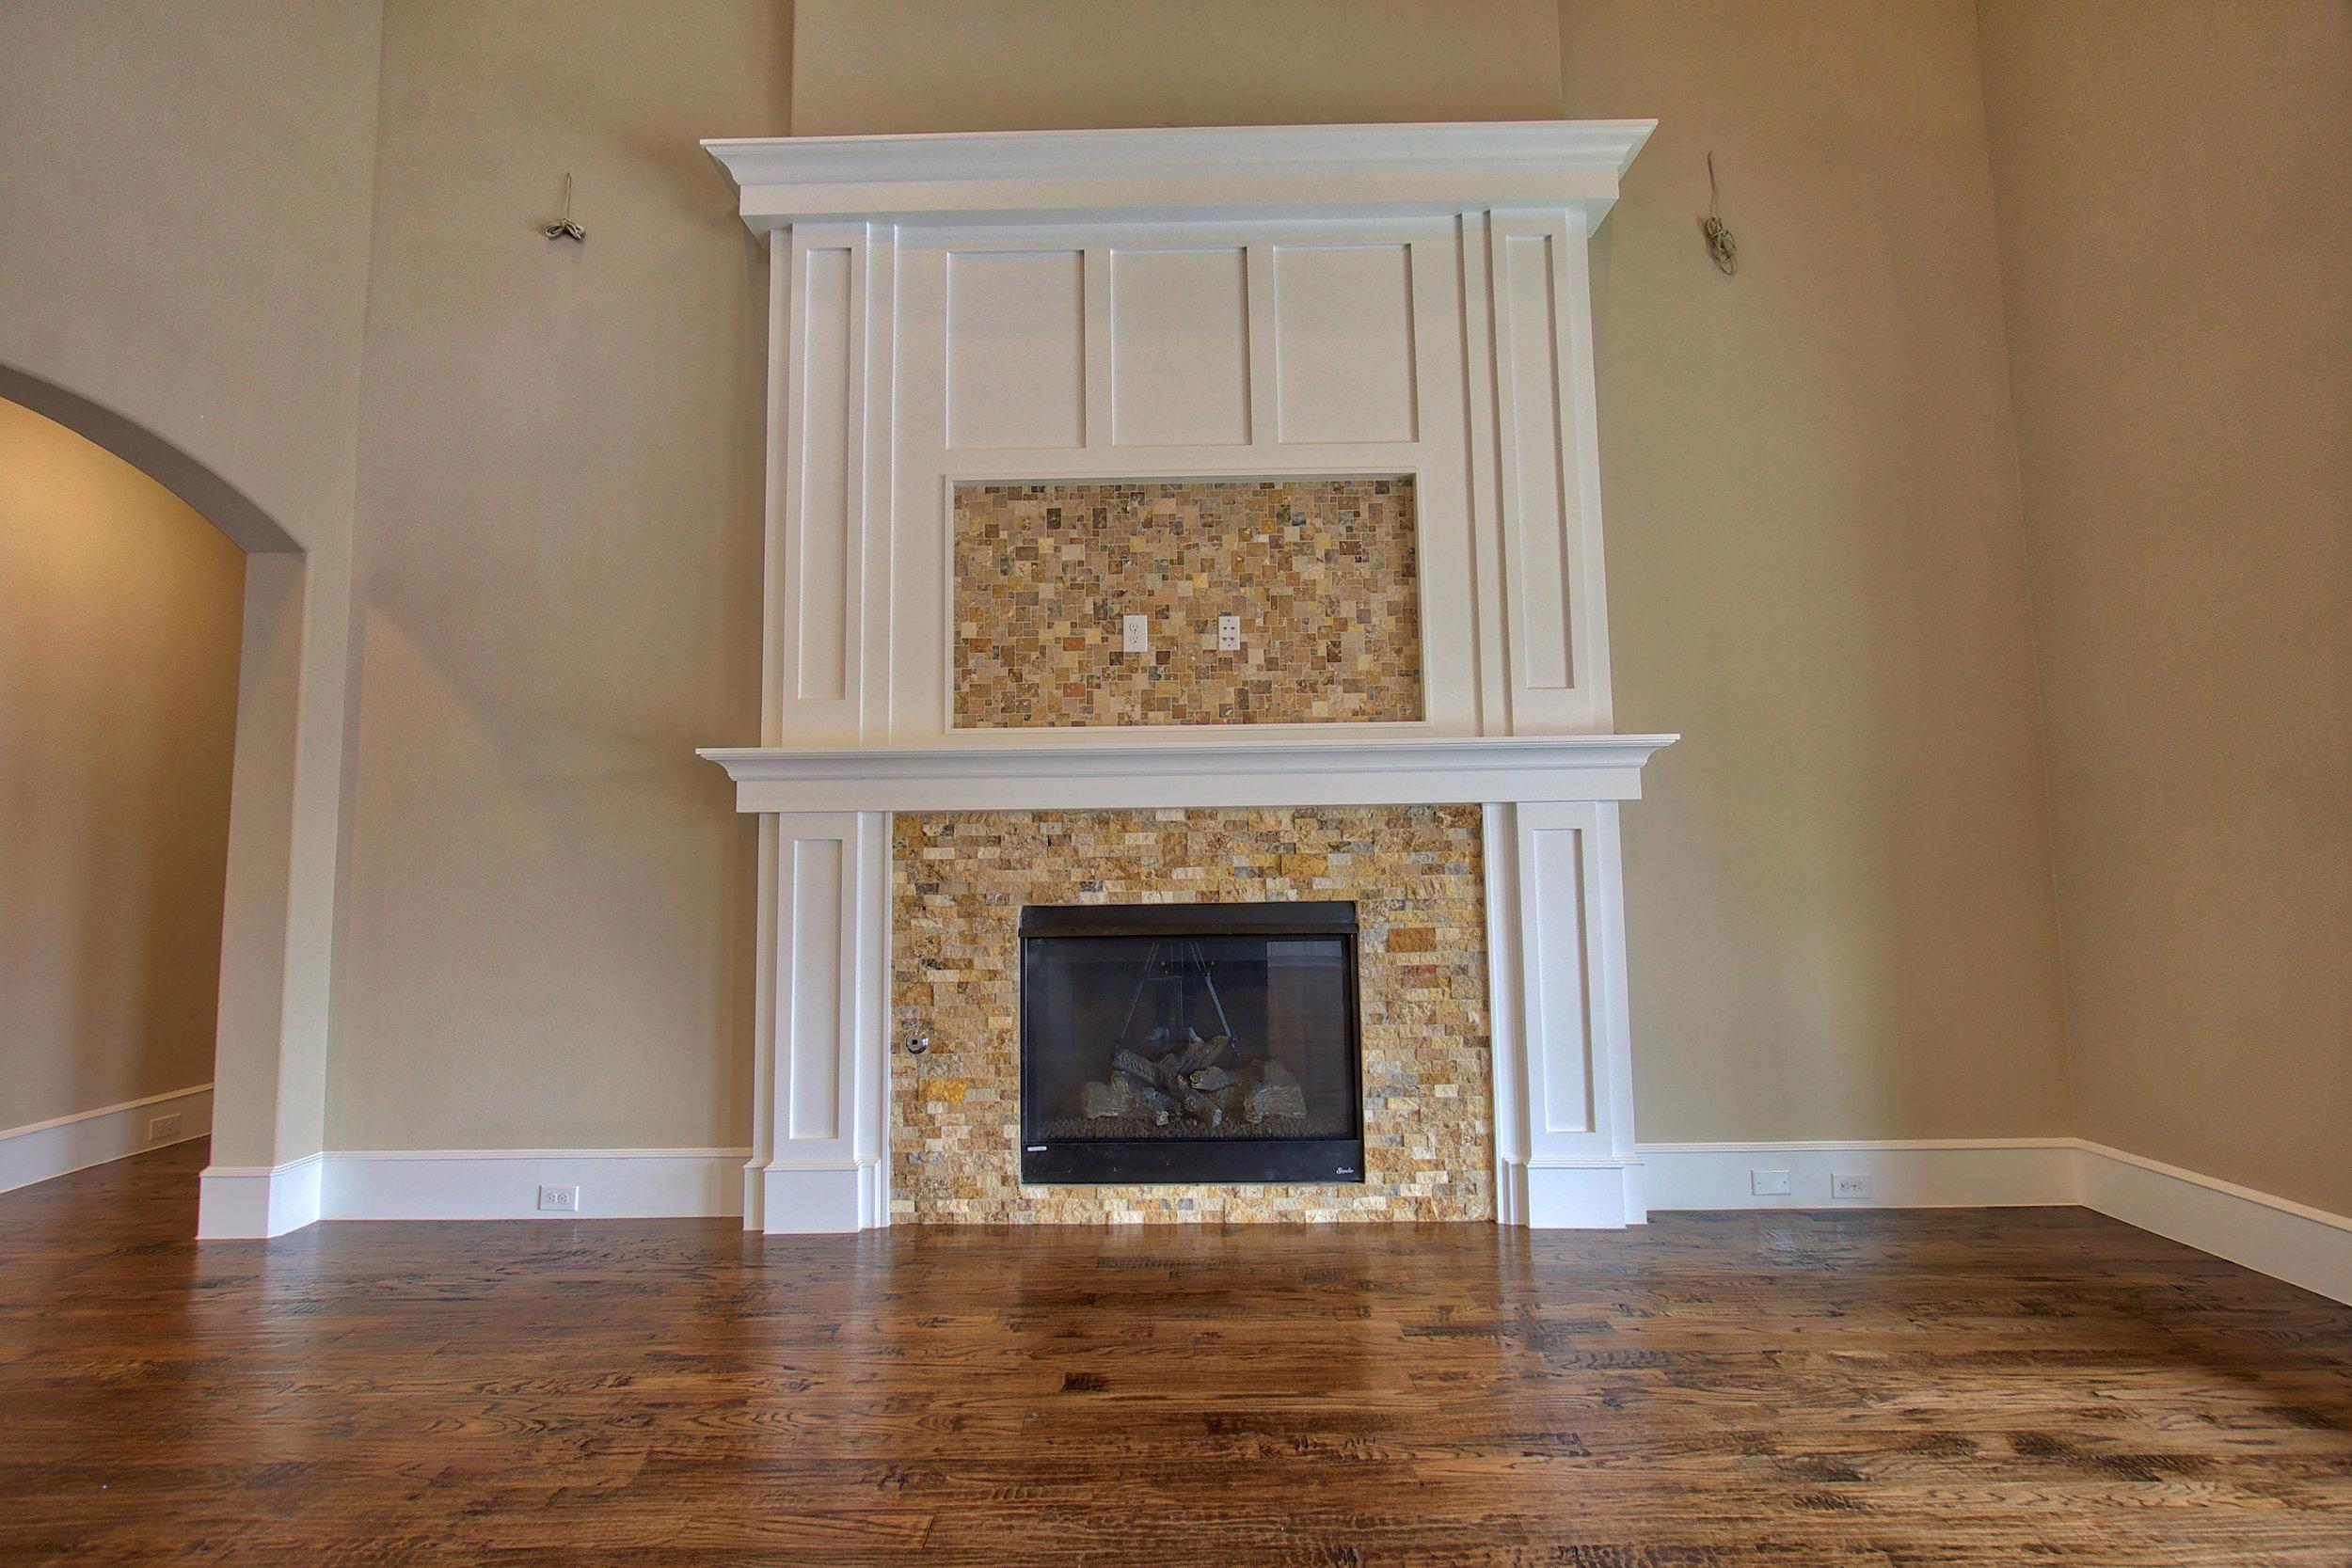 13 fireplace.jpeg